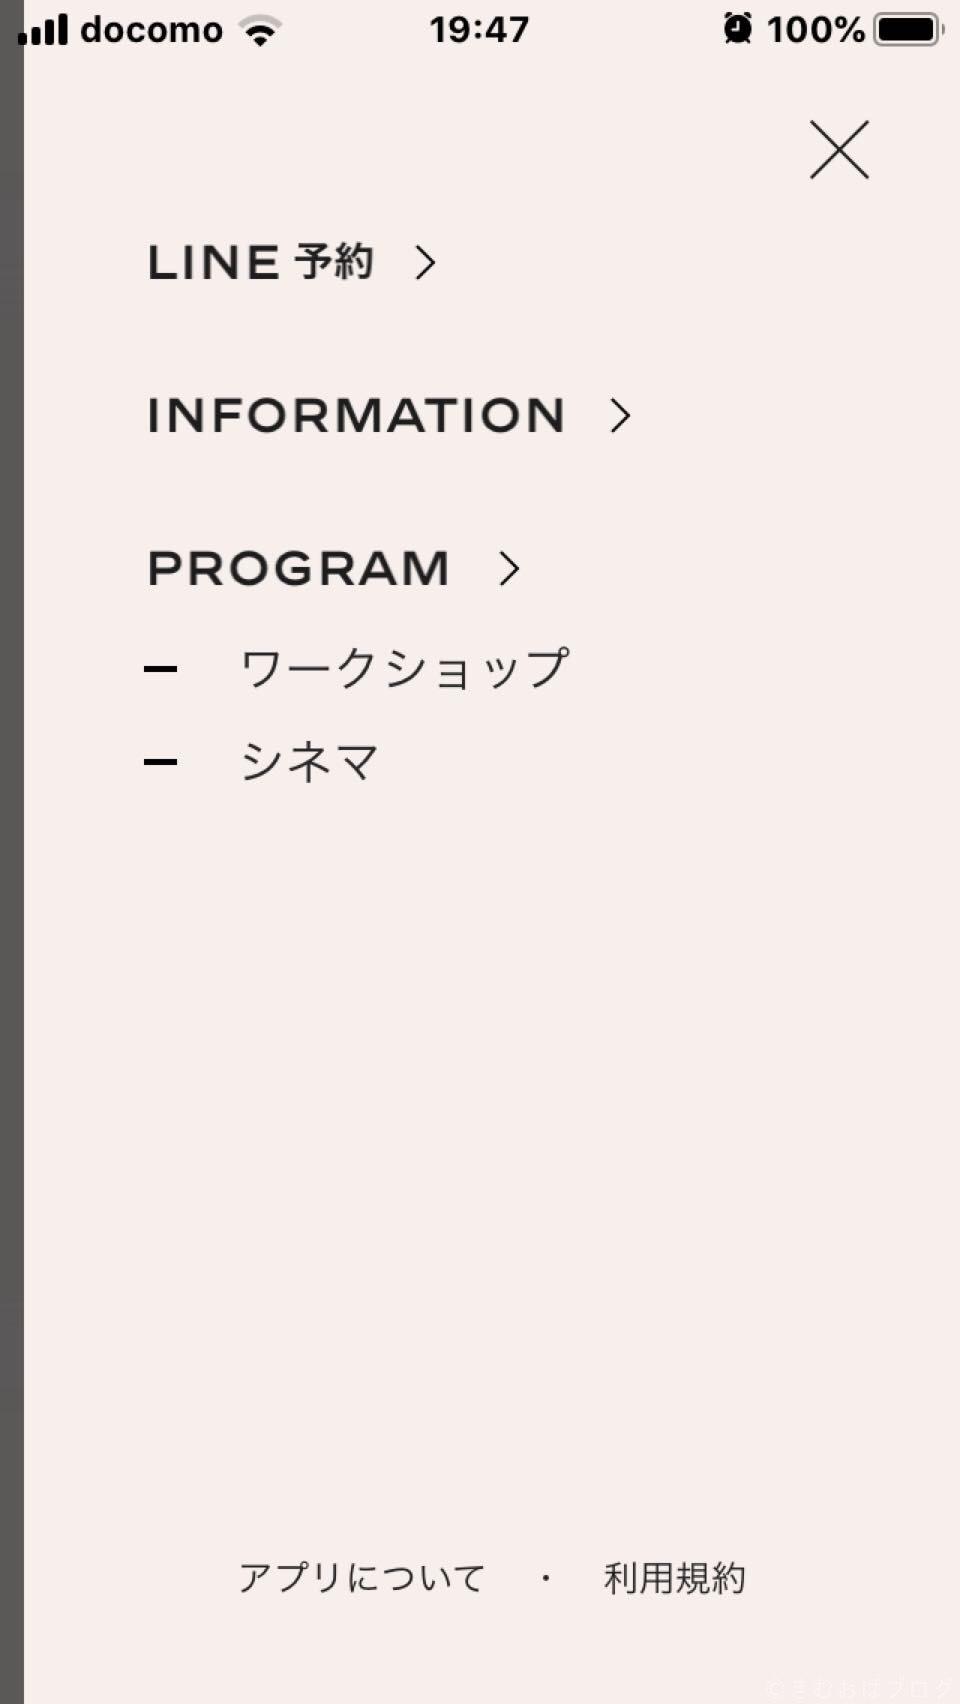 シャネル マドモアゼルプリヴェ展 東京 アプリ画面